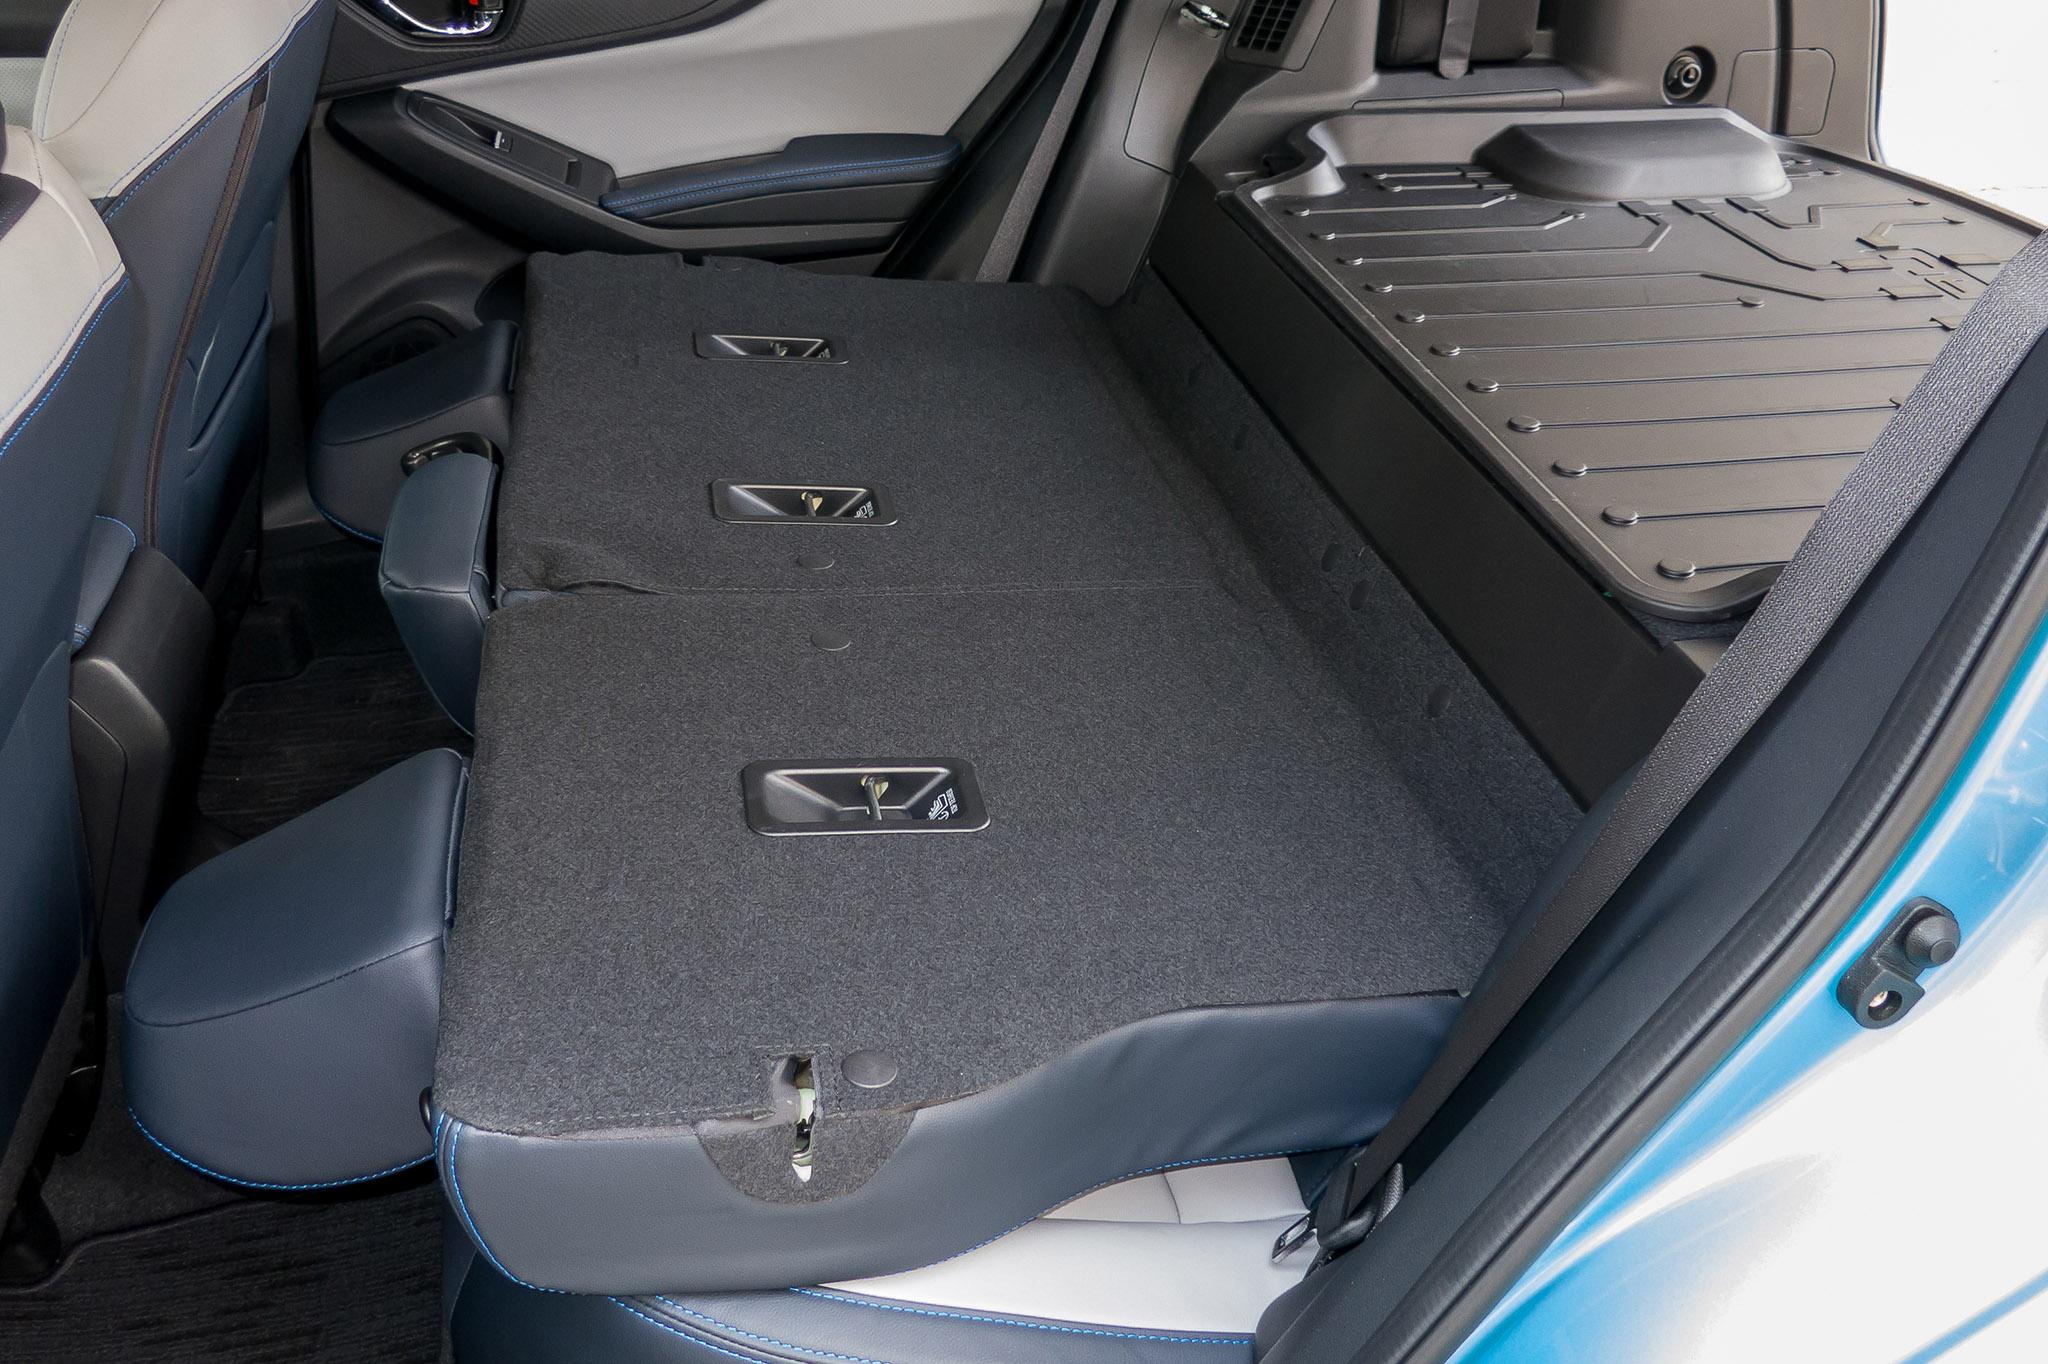 2019 Subaru Crosstrek Hybrid Review: More Efficient, Less